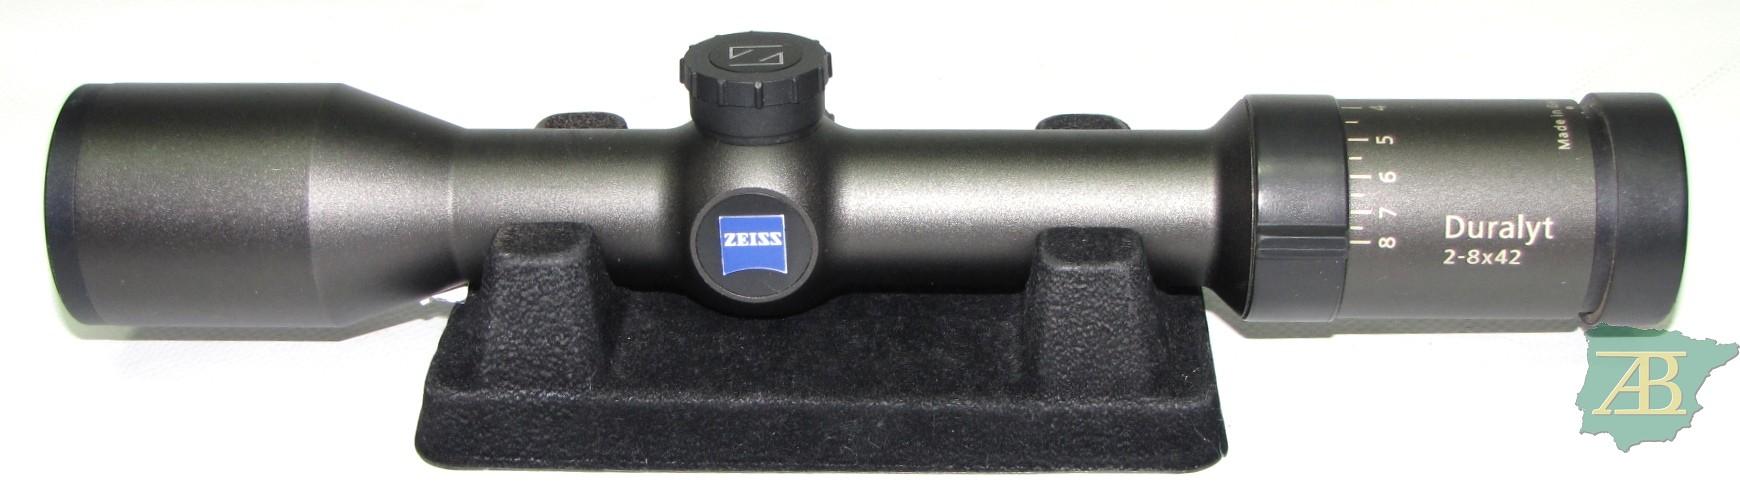 VISOR ZEISS DURALYT 2-8X42 4A Ref V60